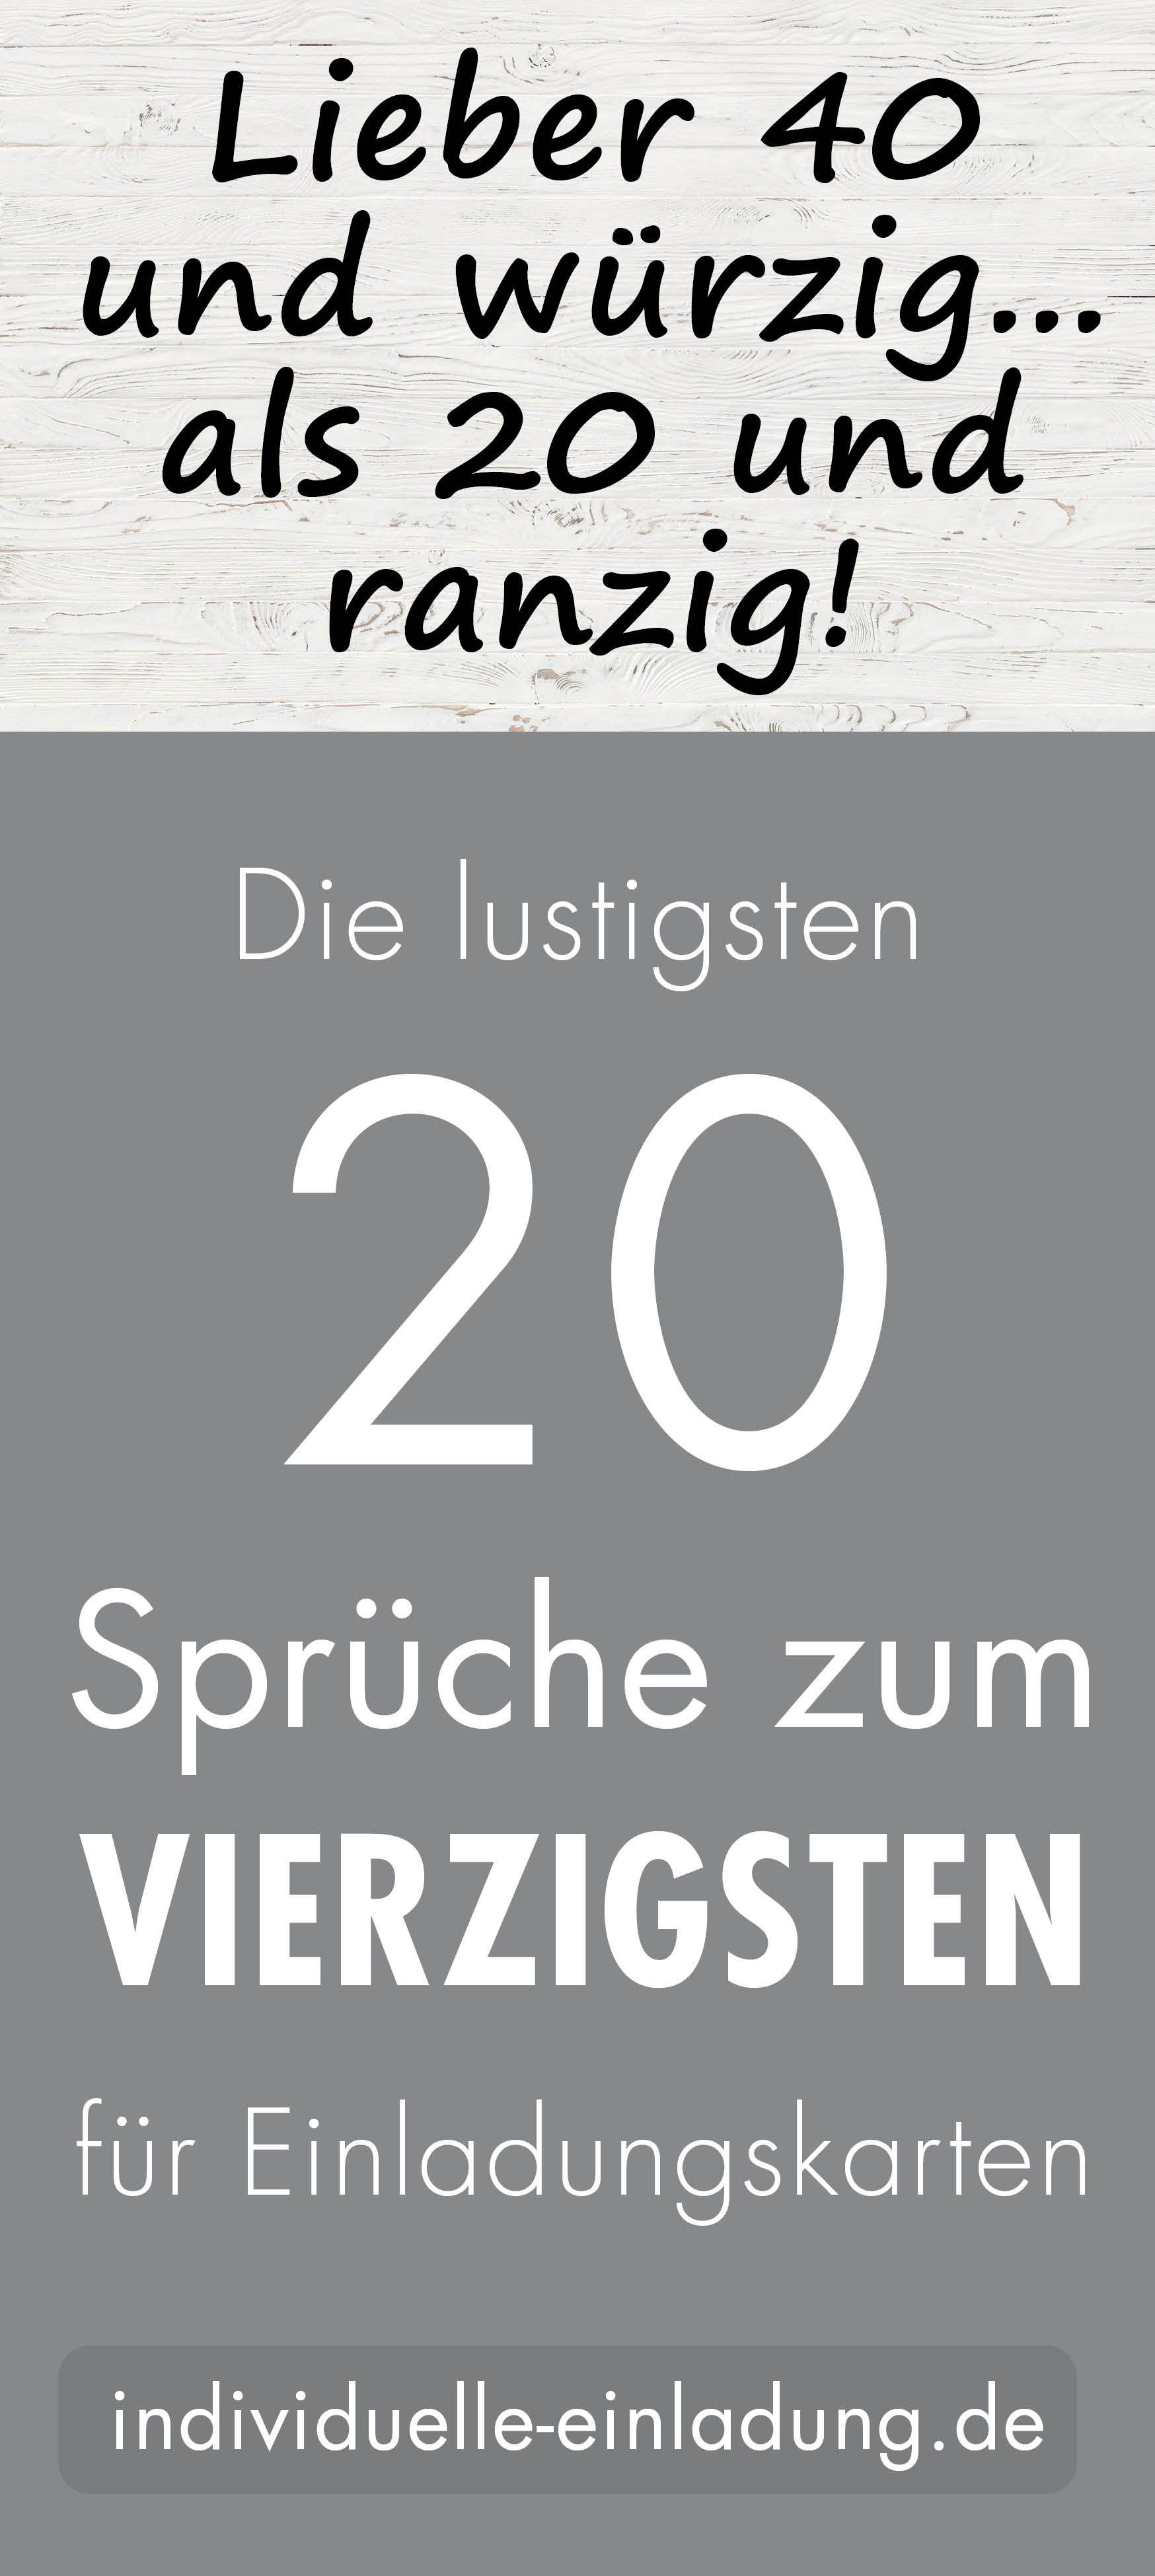 Die Lustigsten 20 Spruche Zum 40 Geburtstag Spruche Zum 40 20 Geburtstag Spruch Spruche Zum 40 Geburtstag